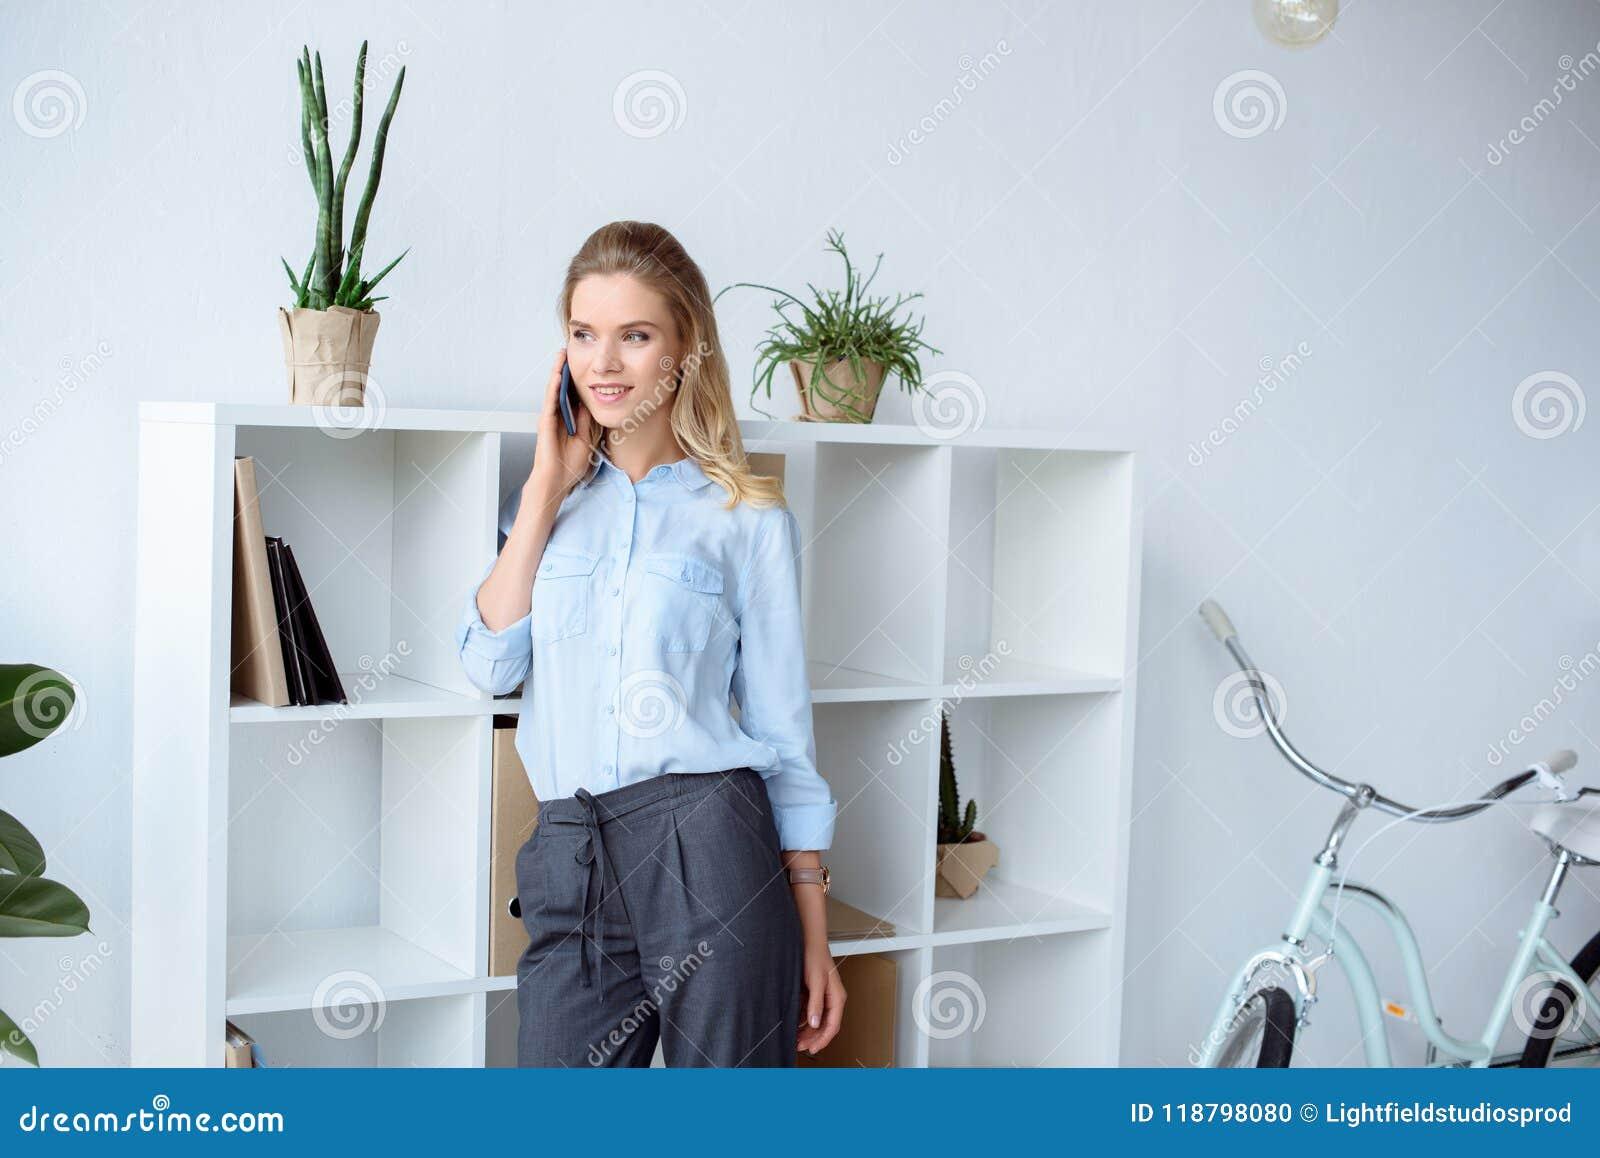 Stående av att le affärskvinnan som talar på smartphonen, medan stå near bokhyllor